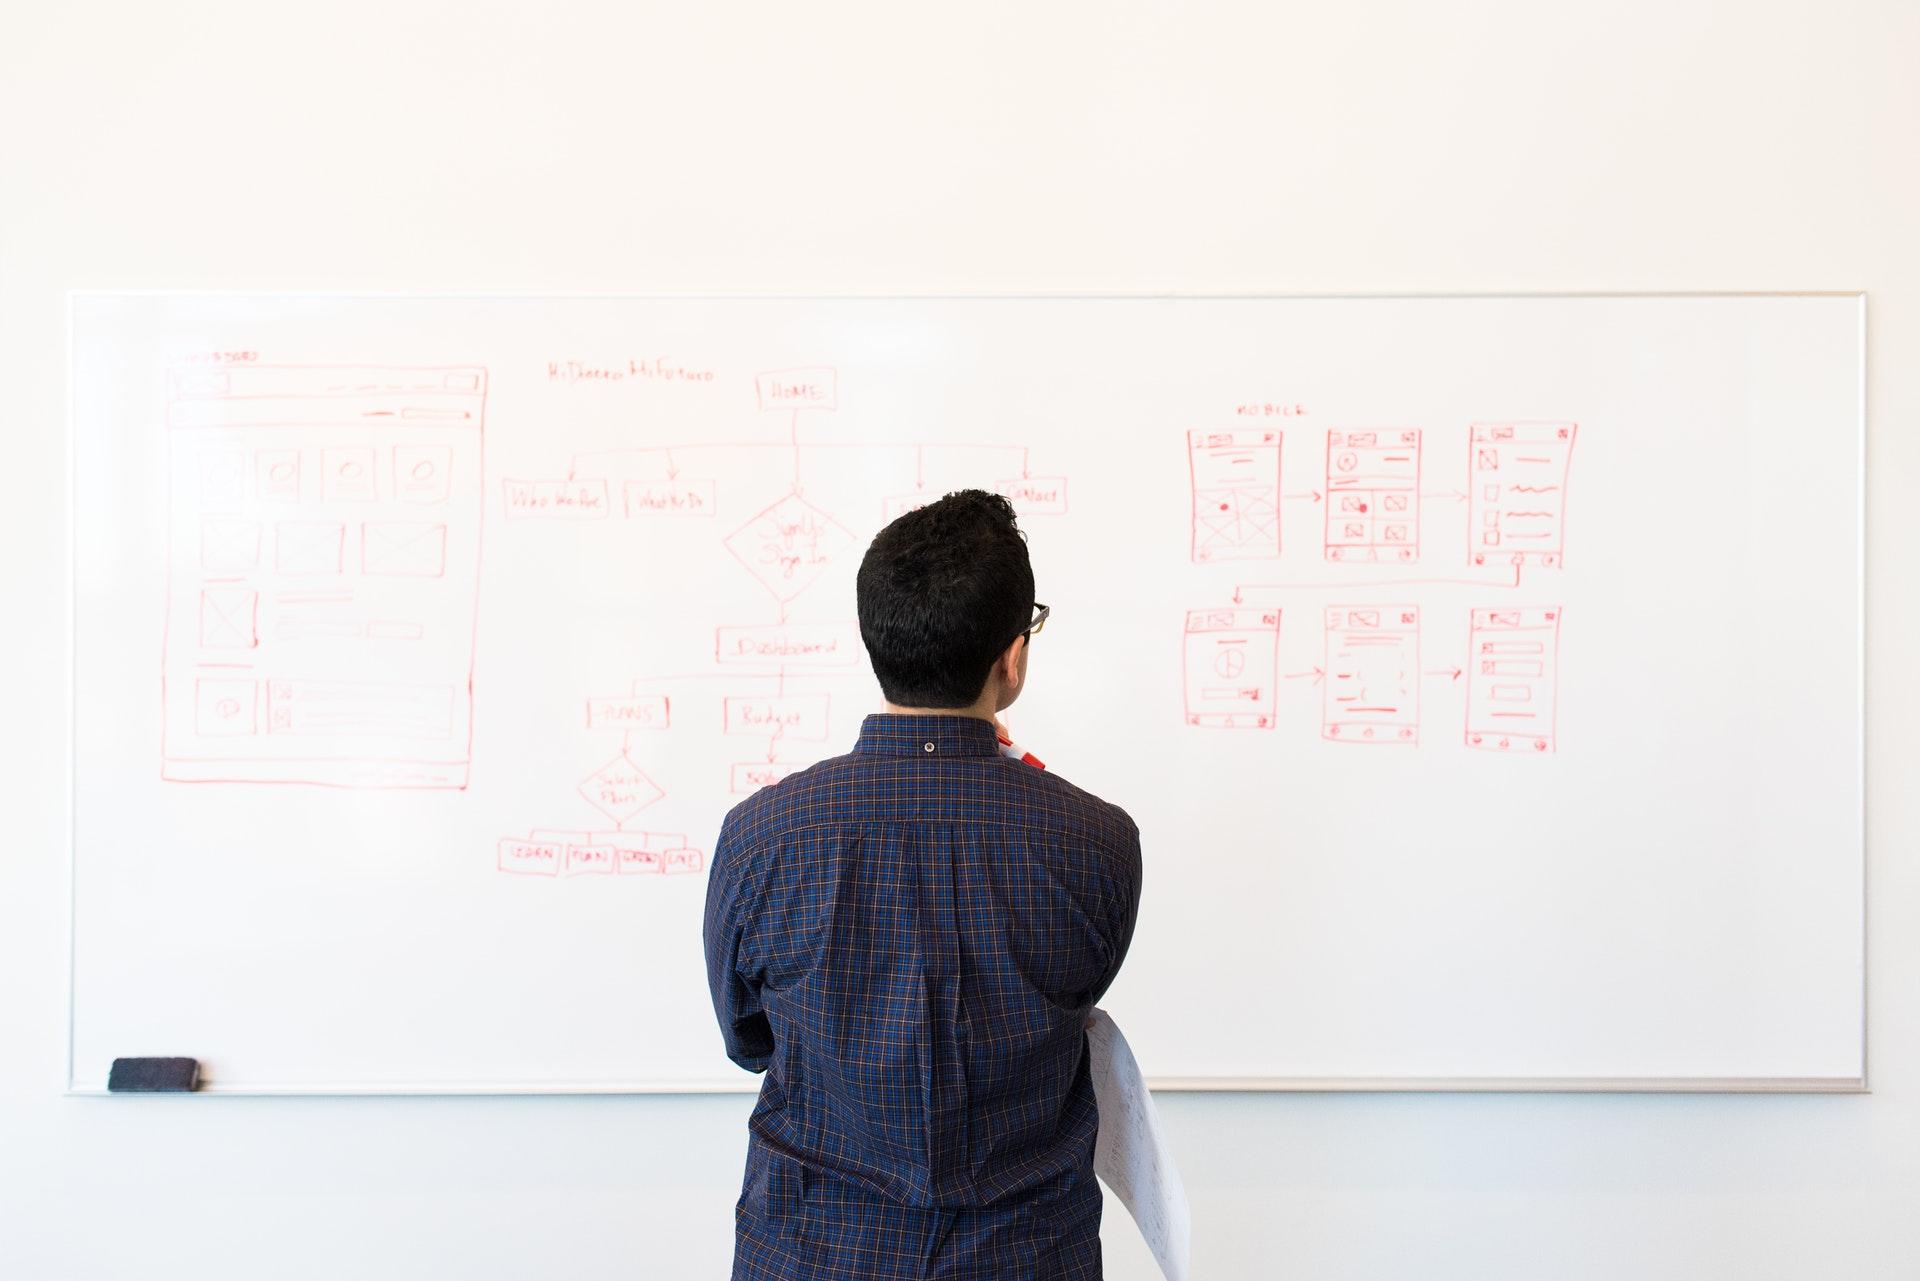 Een competentieprofiel opstellen voor je medewerkers: hoe doe je dat?